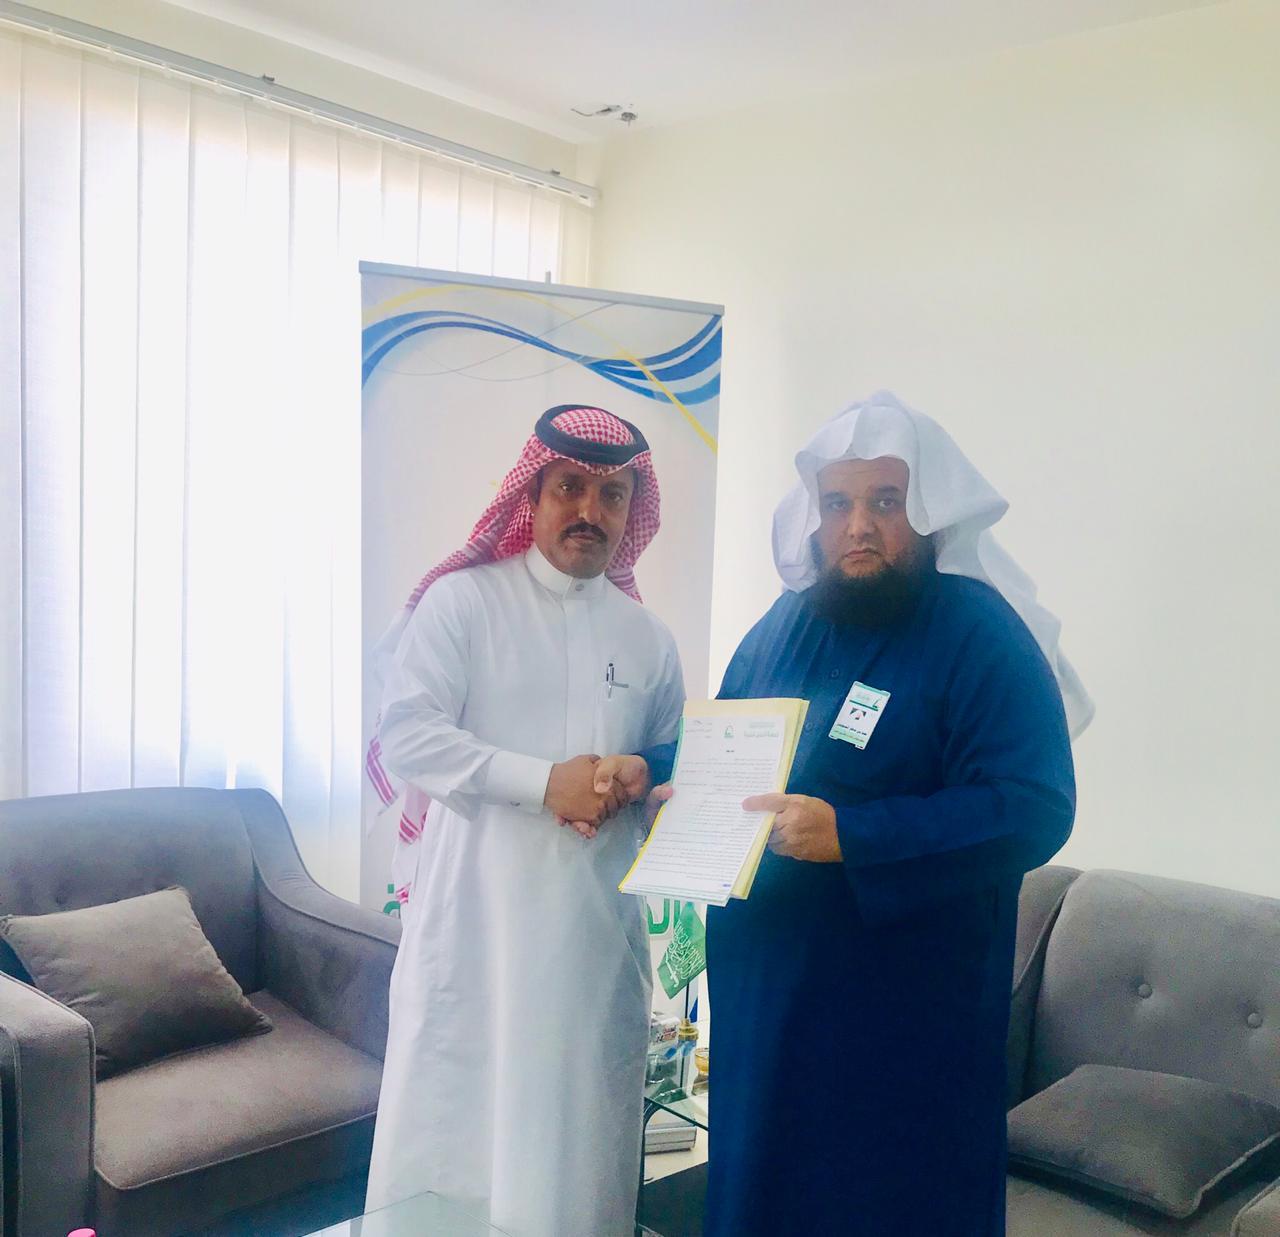 الجمعية توقع عقد إتفاقية مع شركة عبدالله صالح الغامدي للتجارة والمقاولات